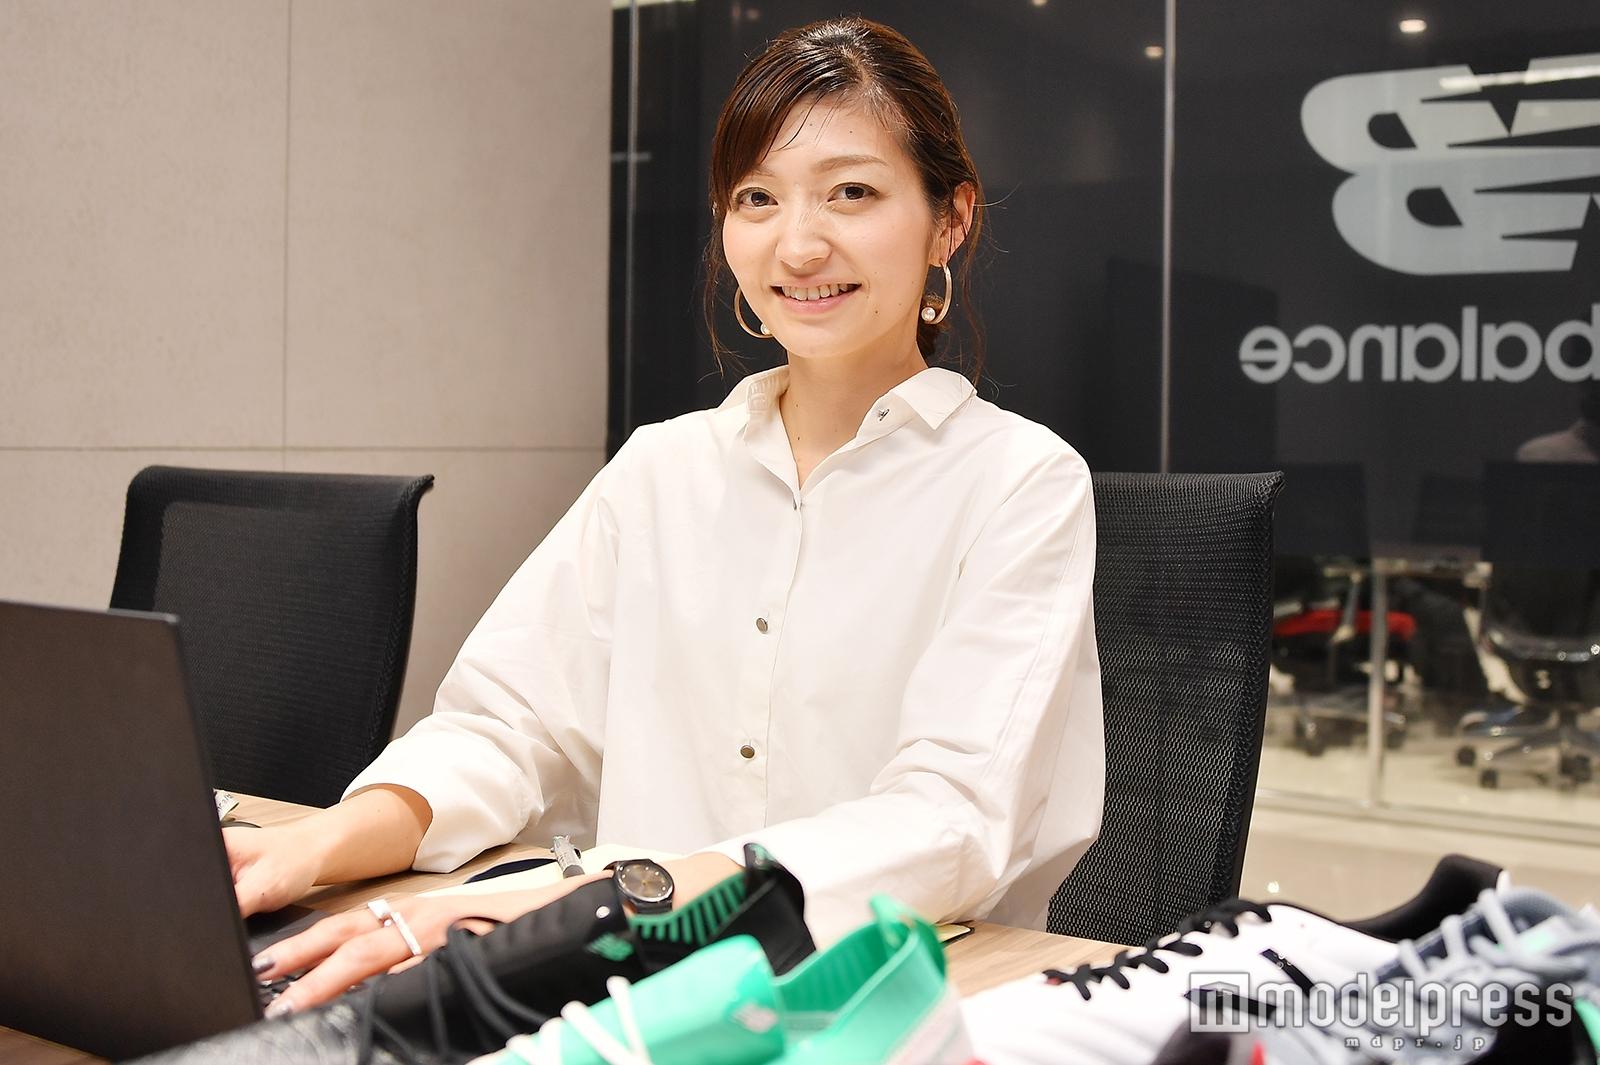 モデルプレスのインタビューに応じた高木莉代さん(C)モデルプレス